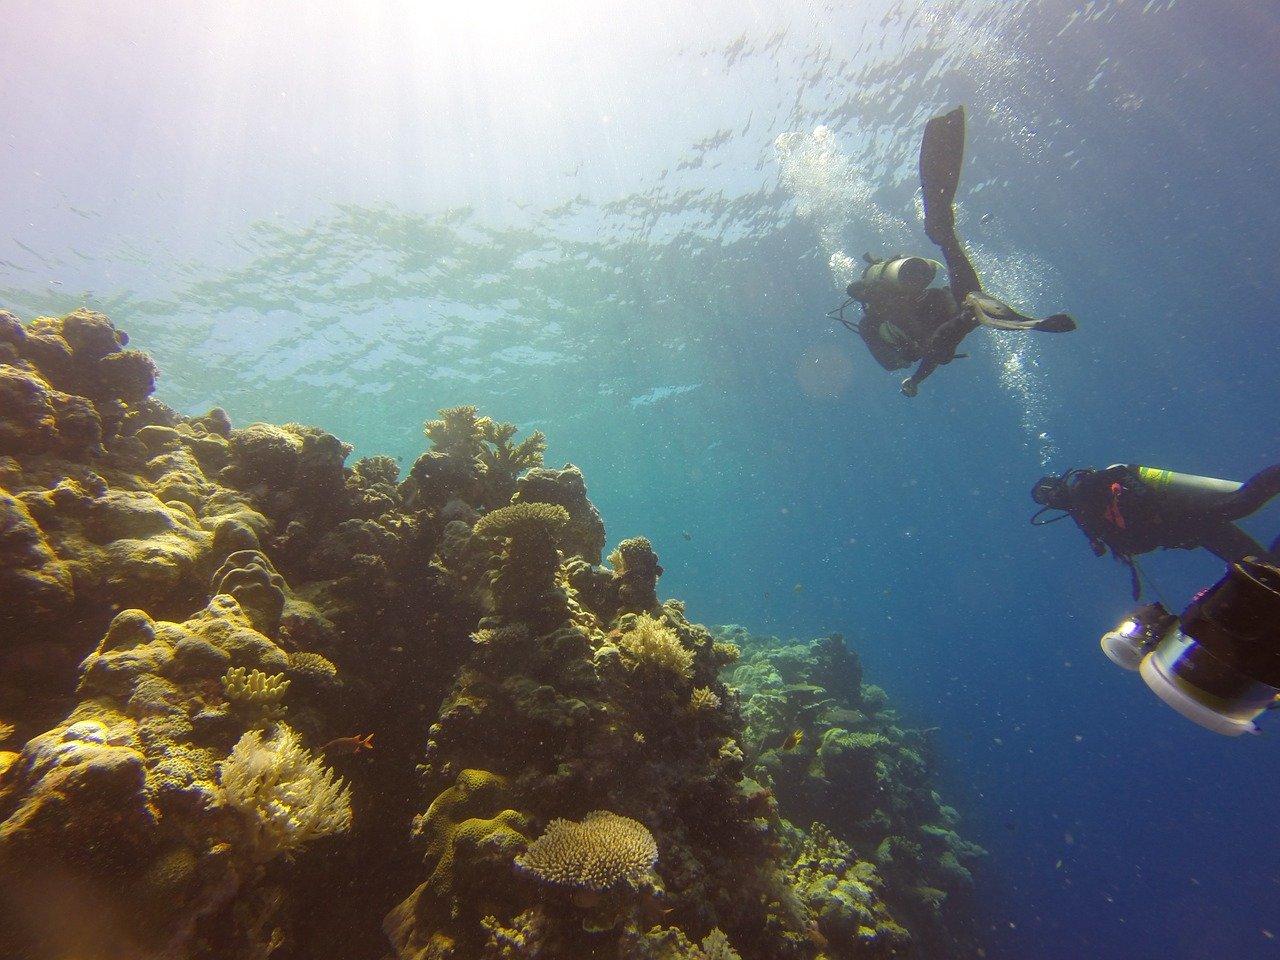 reef-1148995_1280